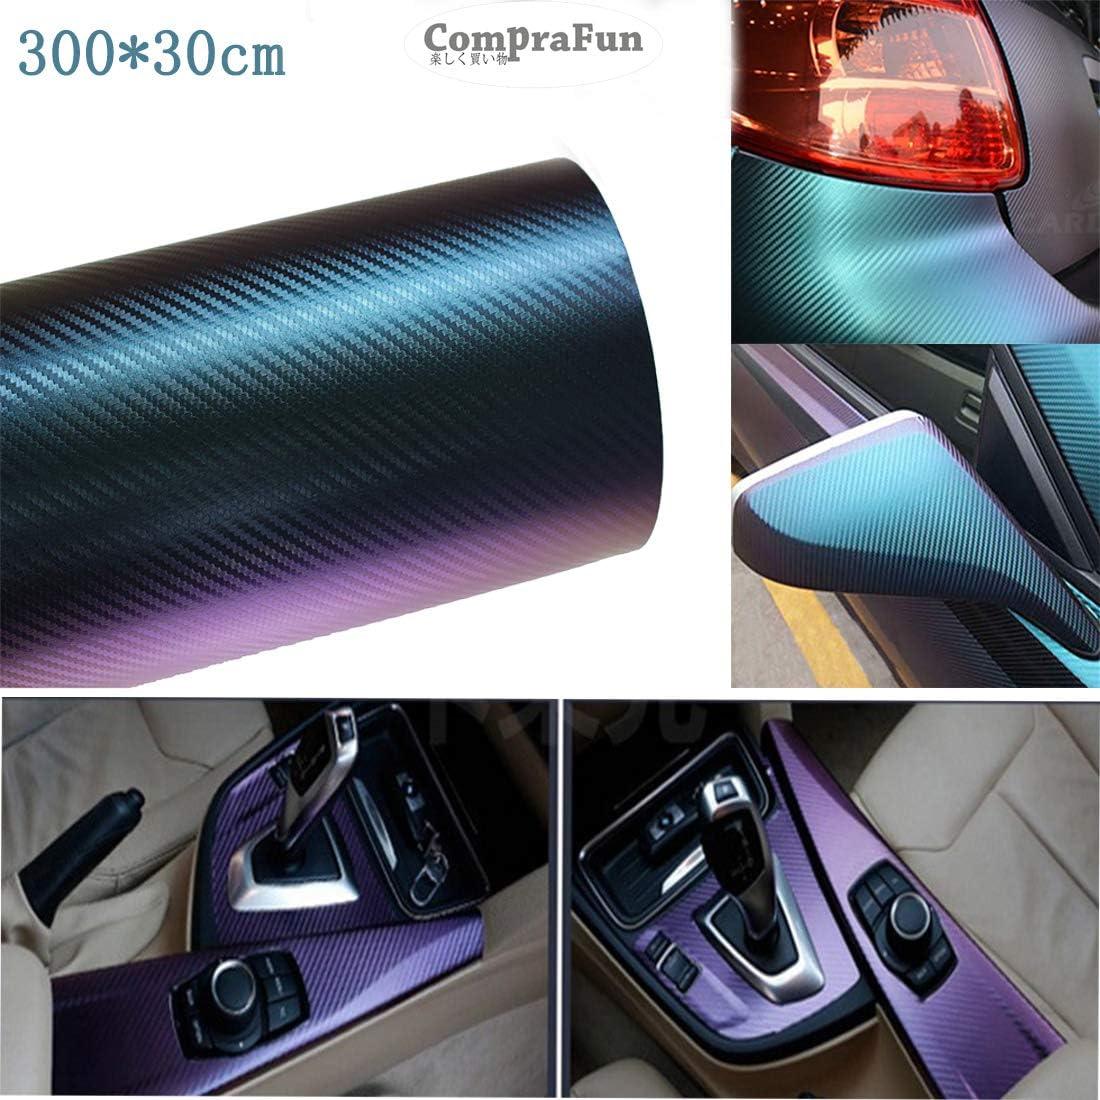 CompraFun Vinilo Fibra de Carbono, Película Pegatina de Decoración Autoadhesiva A Prueba de Agua Libre de Burbuja 300 * 30CM, Uso Exterior & Interior para Coche Moto Móvil Ordenador, Púrpura Azula